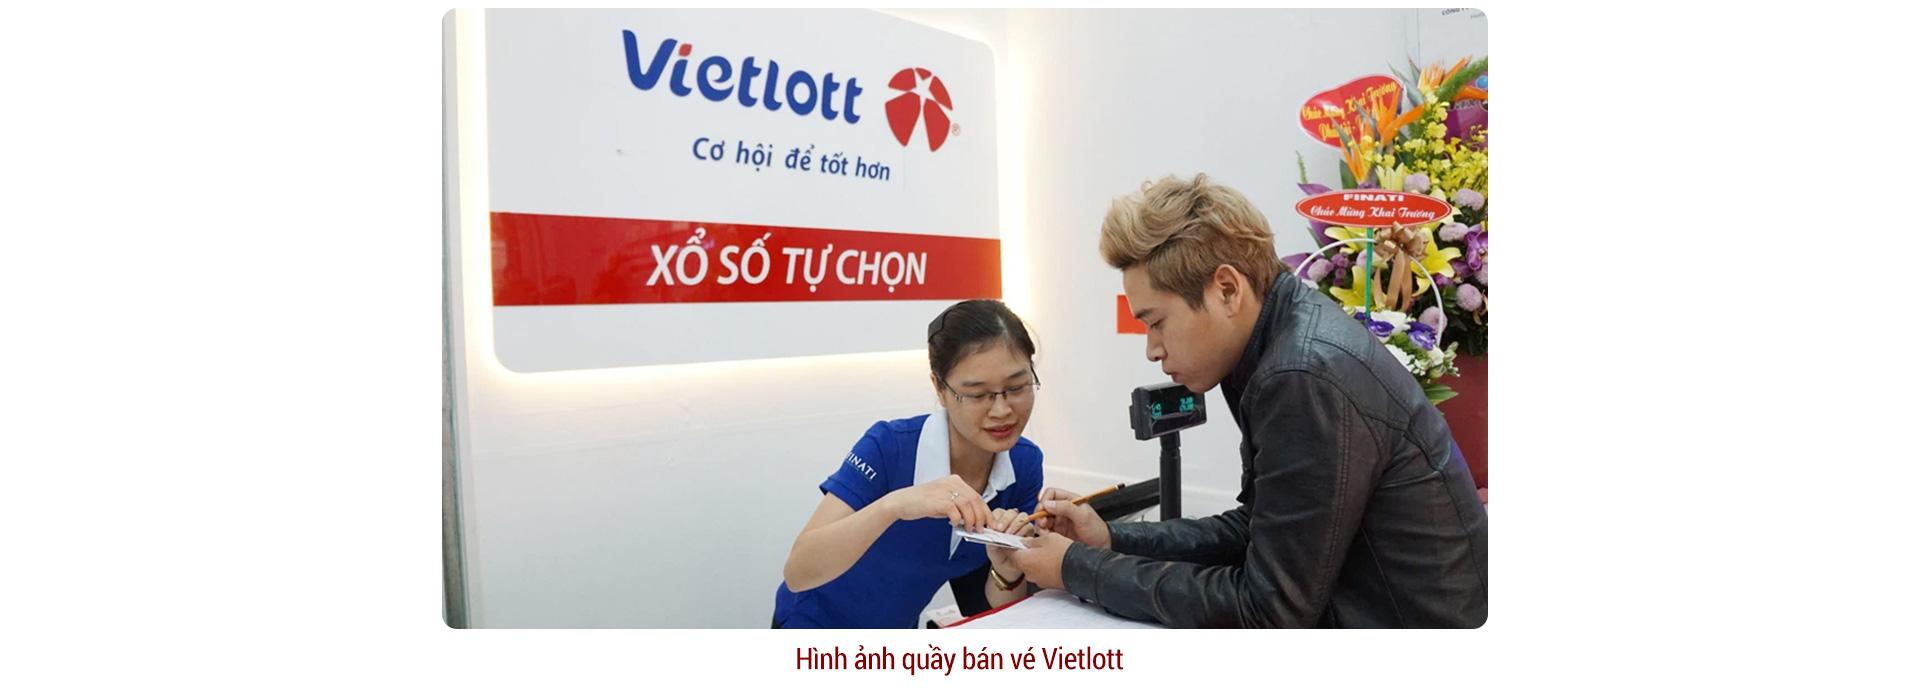 CEO Vietlott: Công nghệ giúp thay đổi nhận thức về xổ số - Ảnh 5.